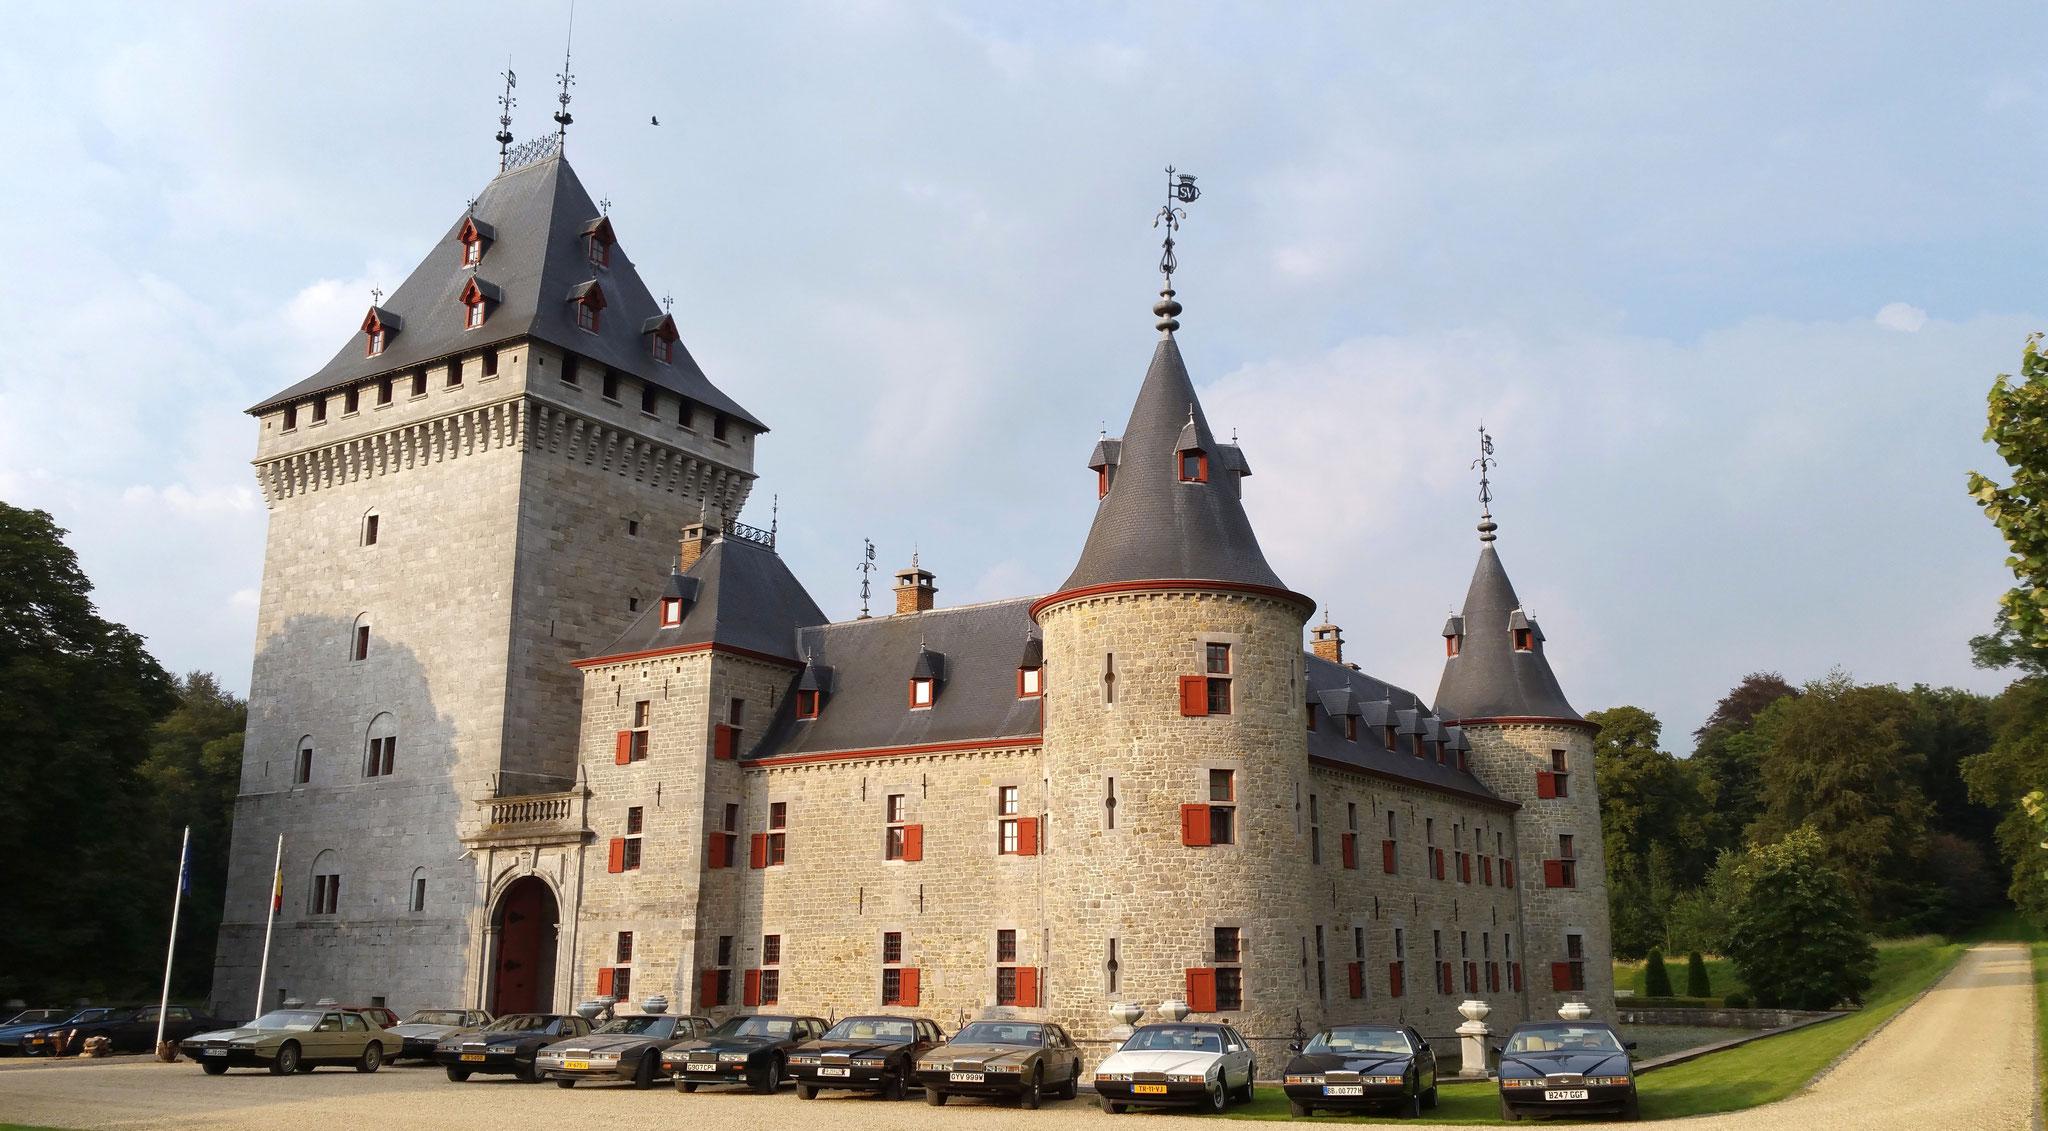 2016 LagondaFest in Belgium